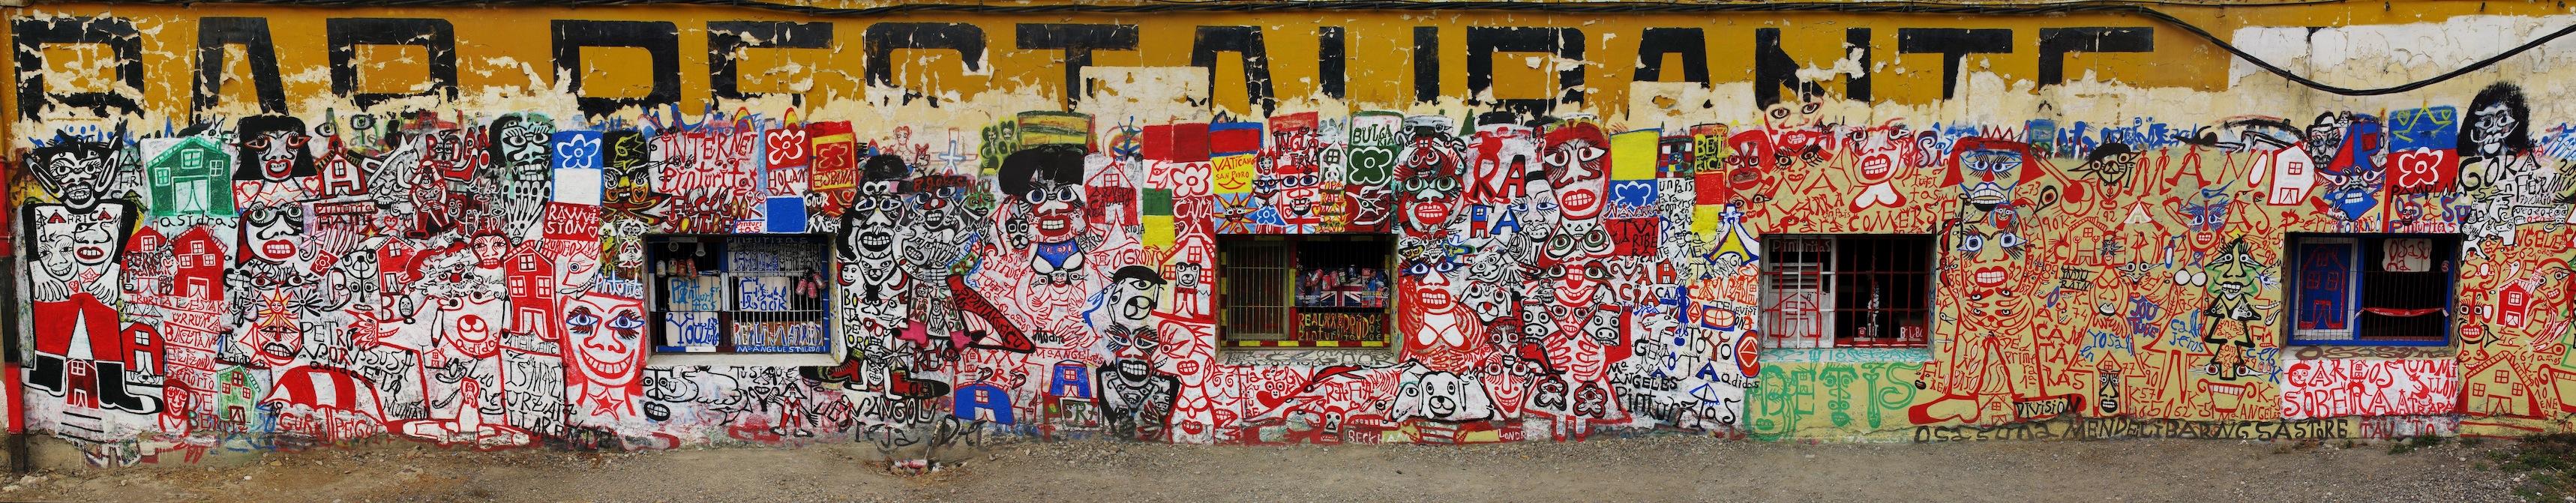 La Pinturitas, lado izquierdo fachada noreste del edificio intervenido, 2012, Foto: Hervé Couton